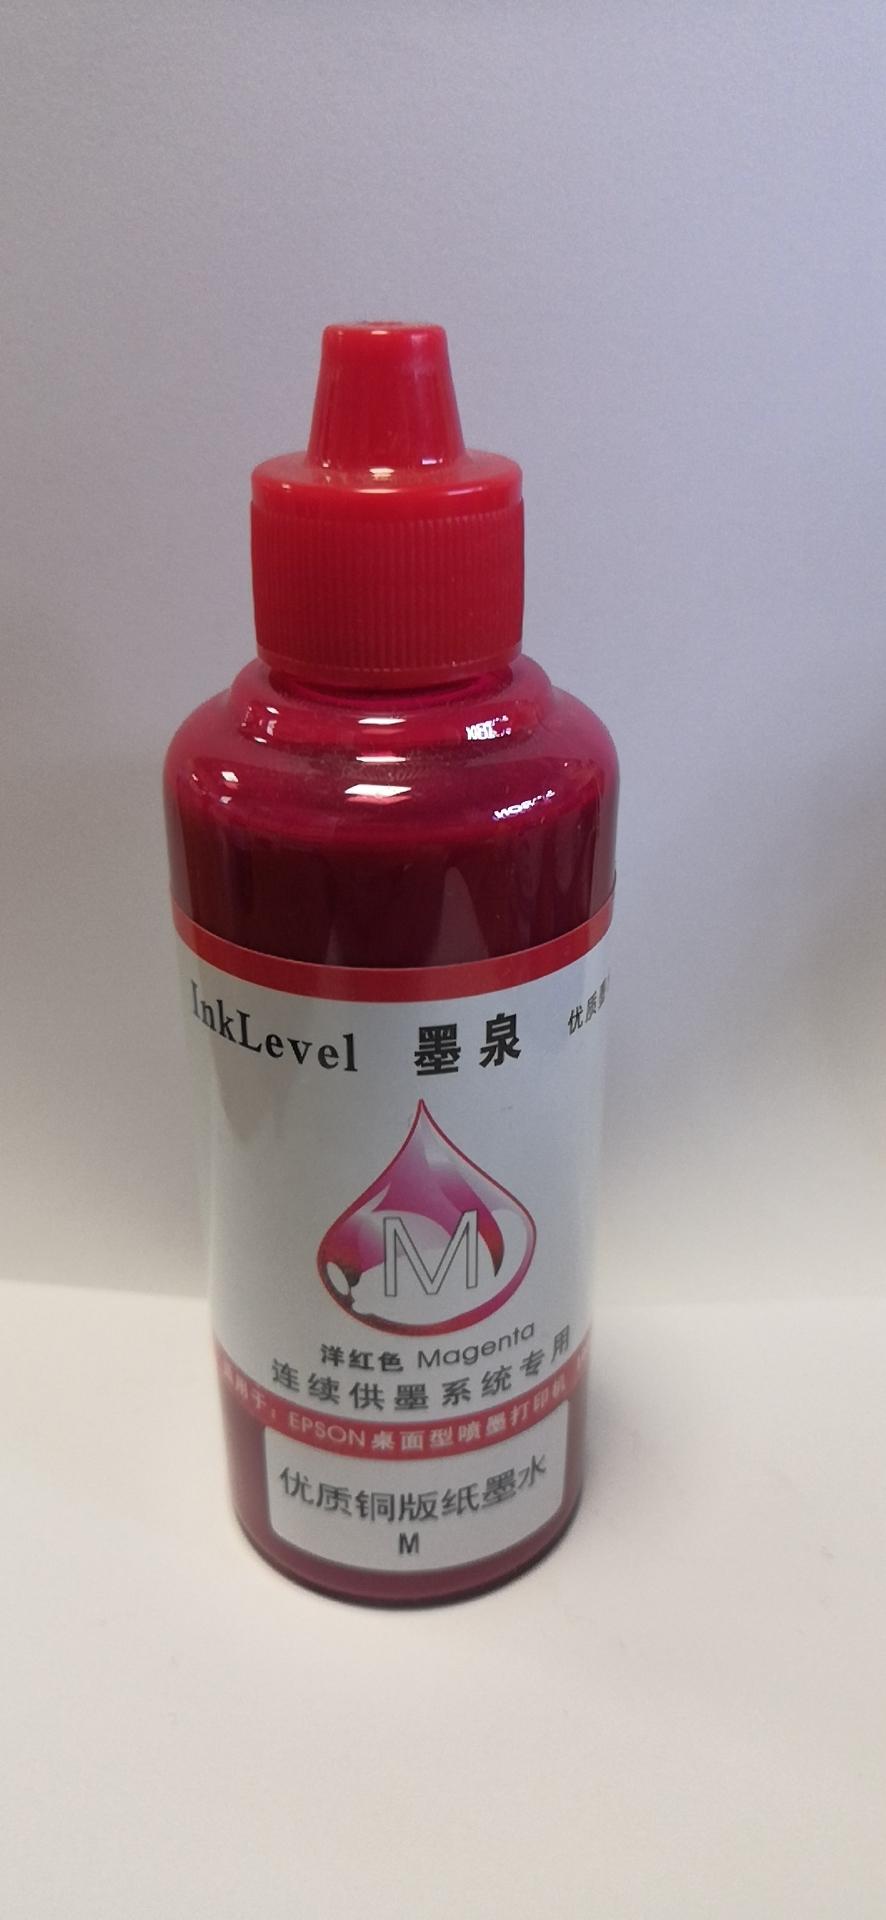 墨泉 6色喷墨专用墨水 品质墨水原料 还原打印本色 红色